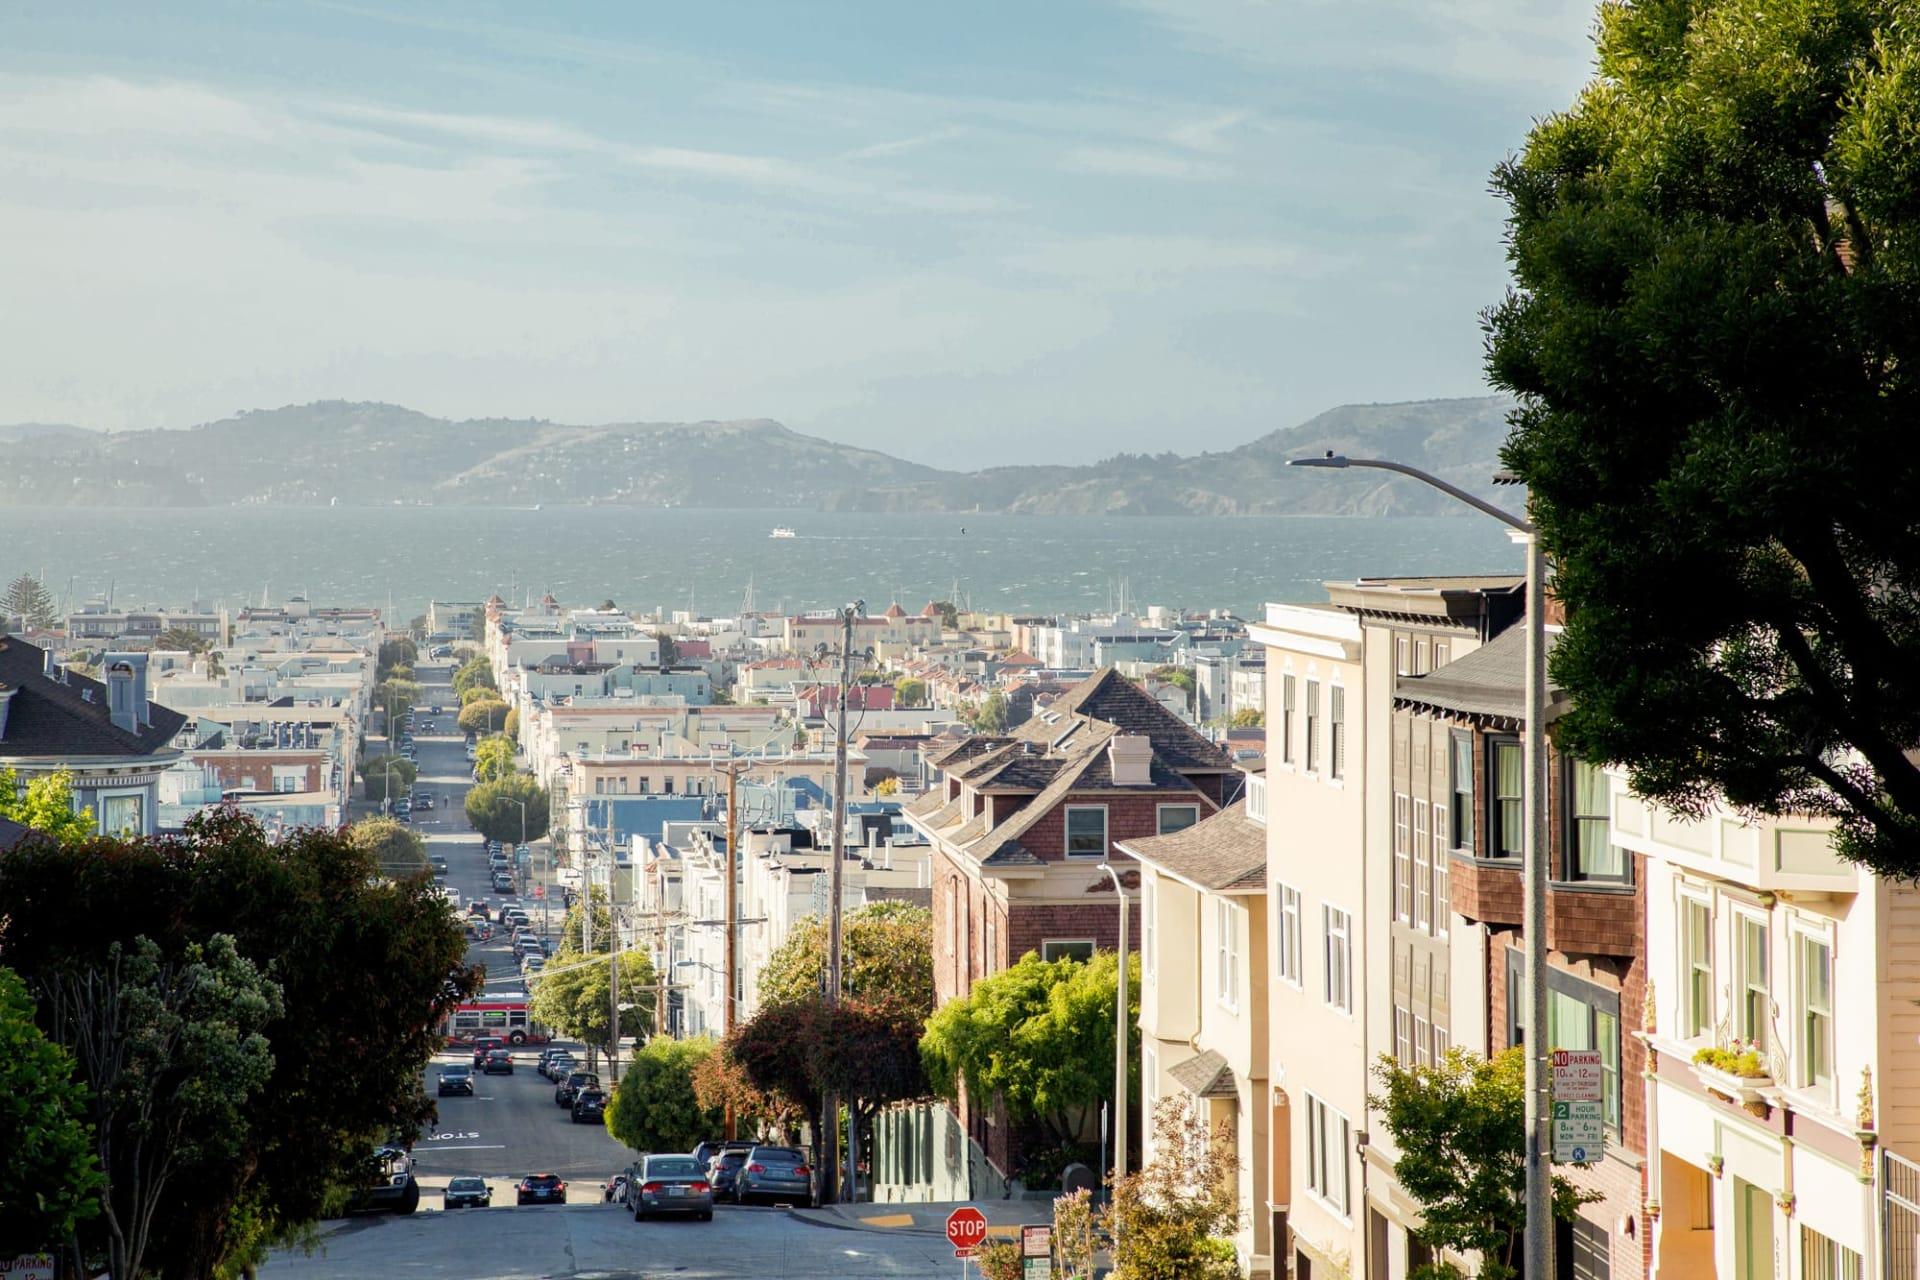 San Francisco May 2021 Report